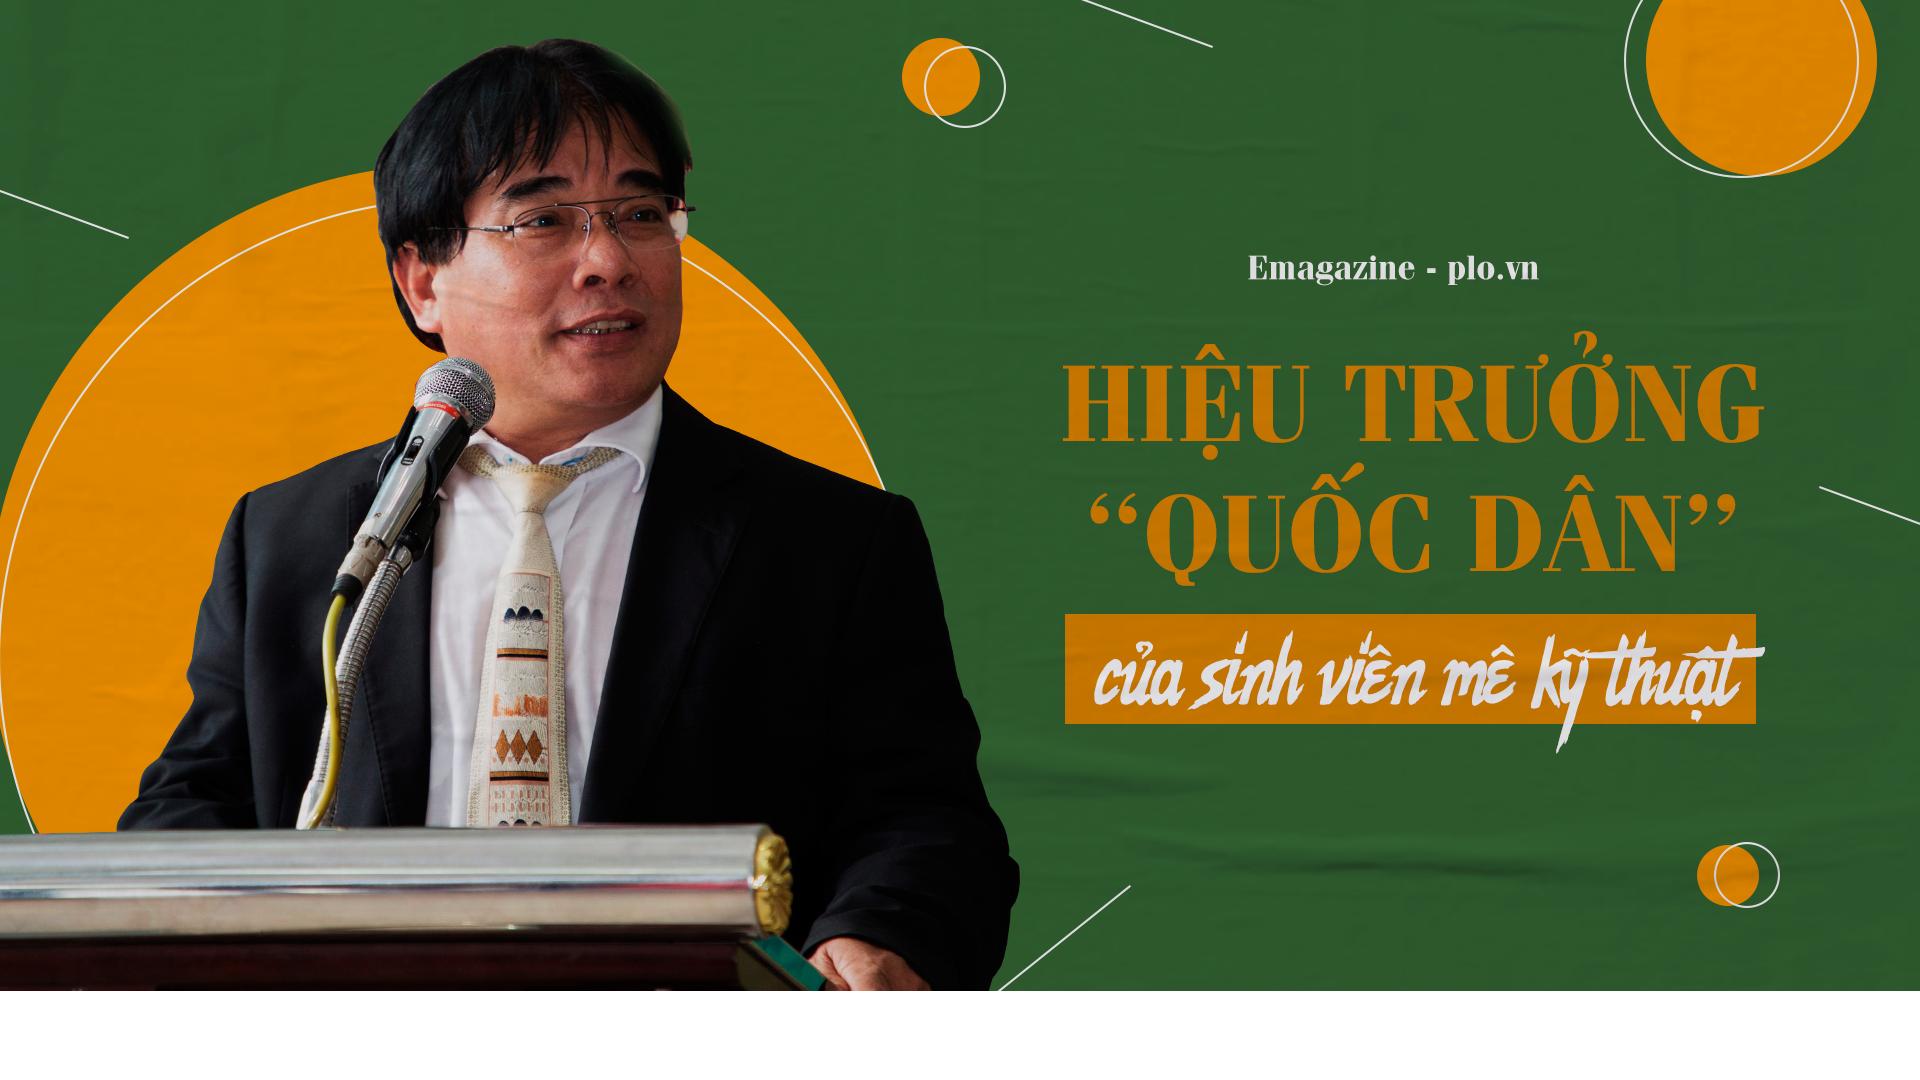 'Hiệu trưởng quốc dân' của sinh viên mê kỹ thuật